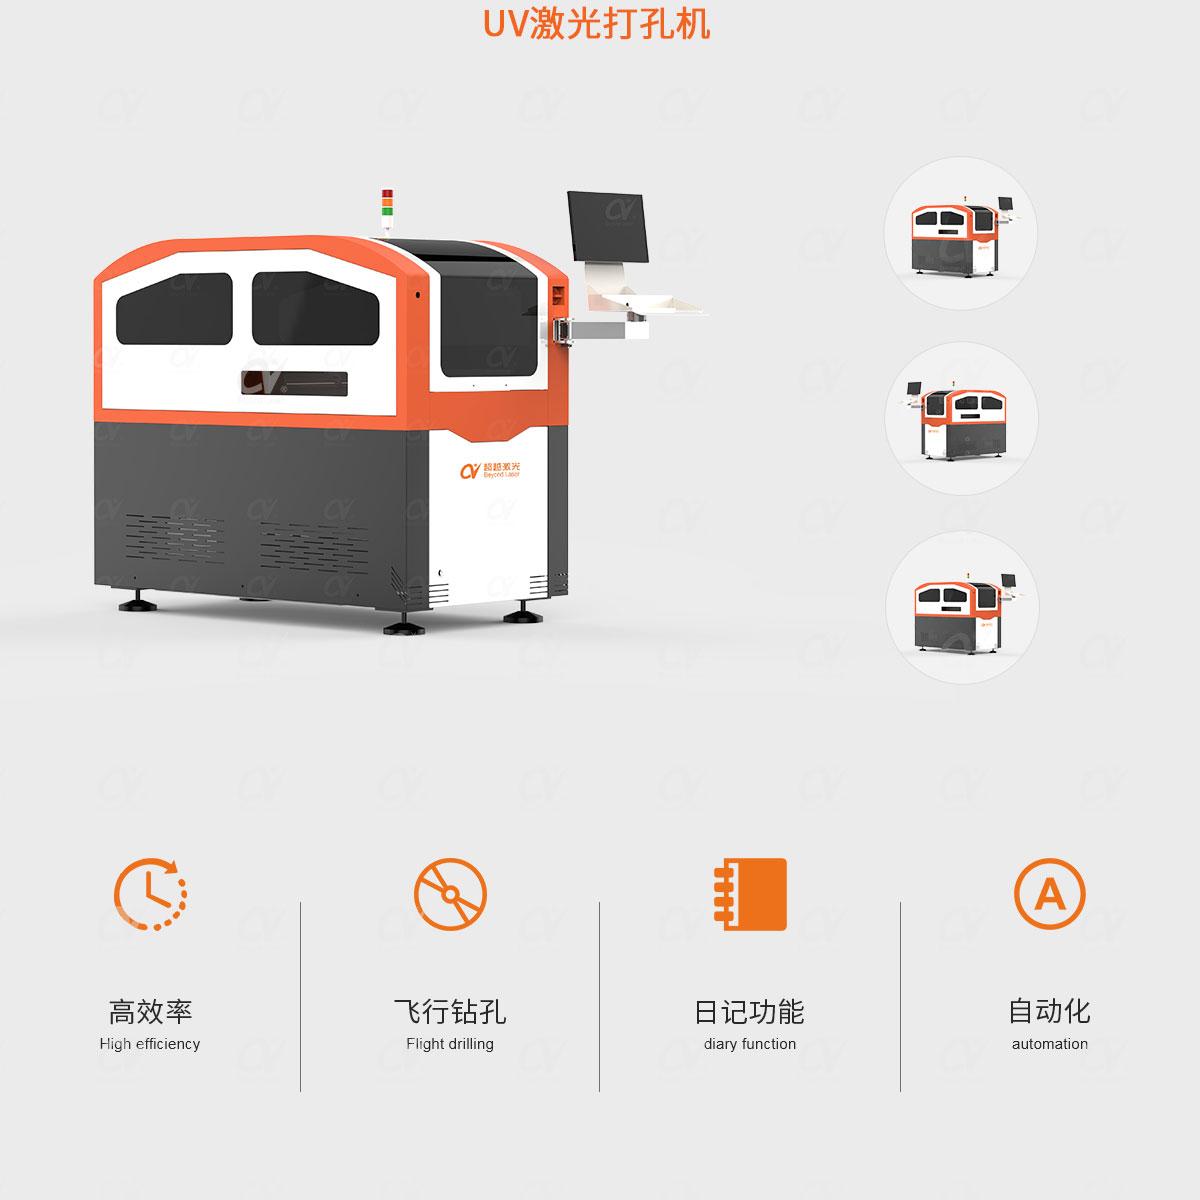 UV激光打孔机产品简介.jpg